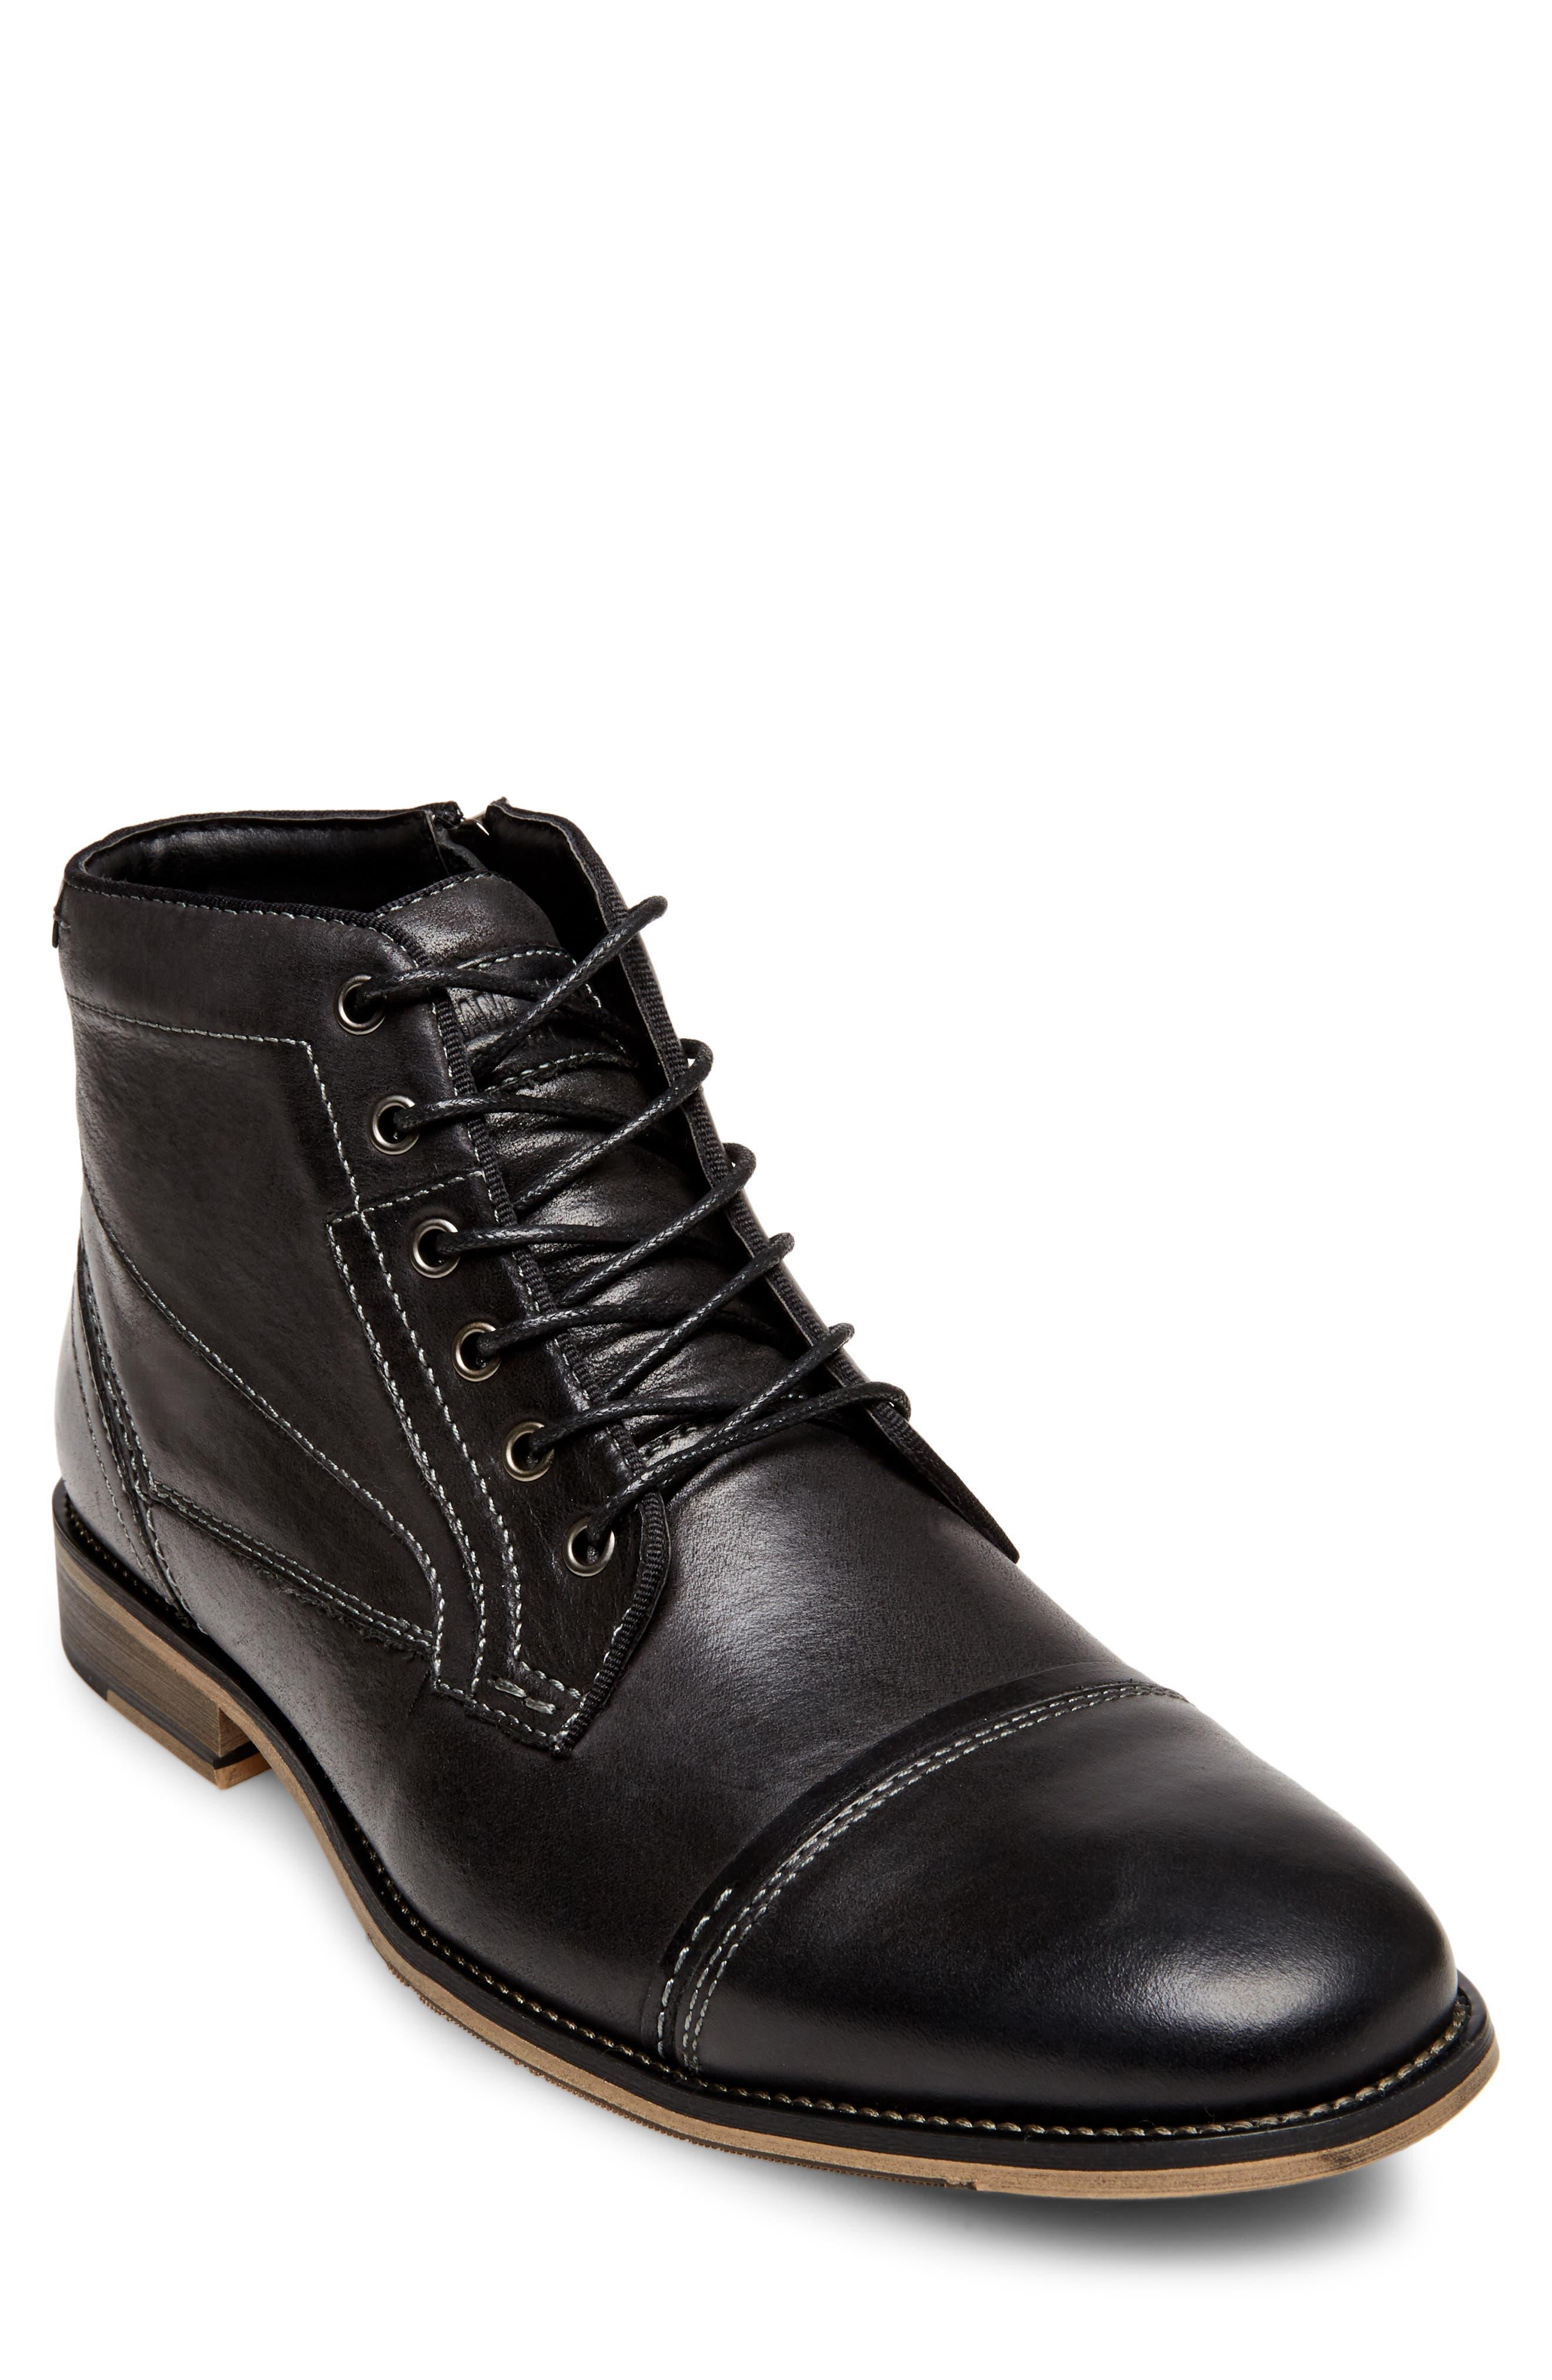 Jeffries Cap Toe Boot,                         Main,                         color, 074